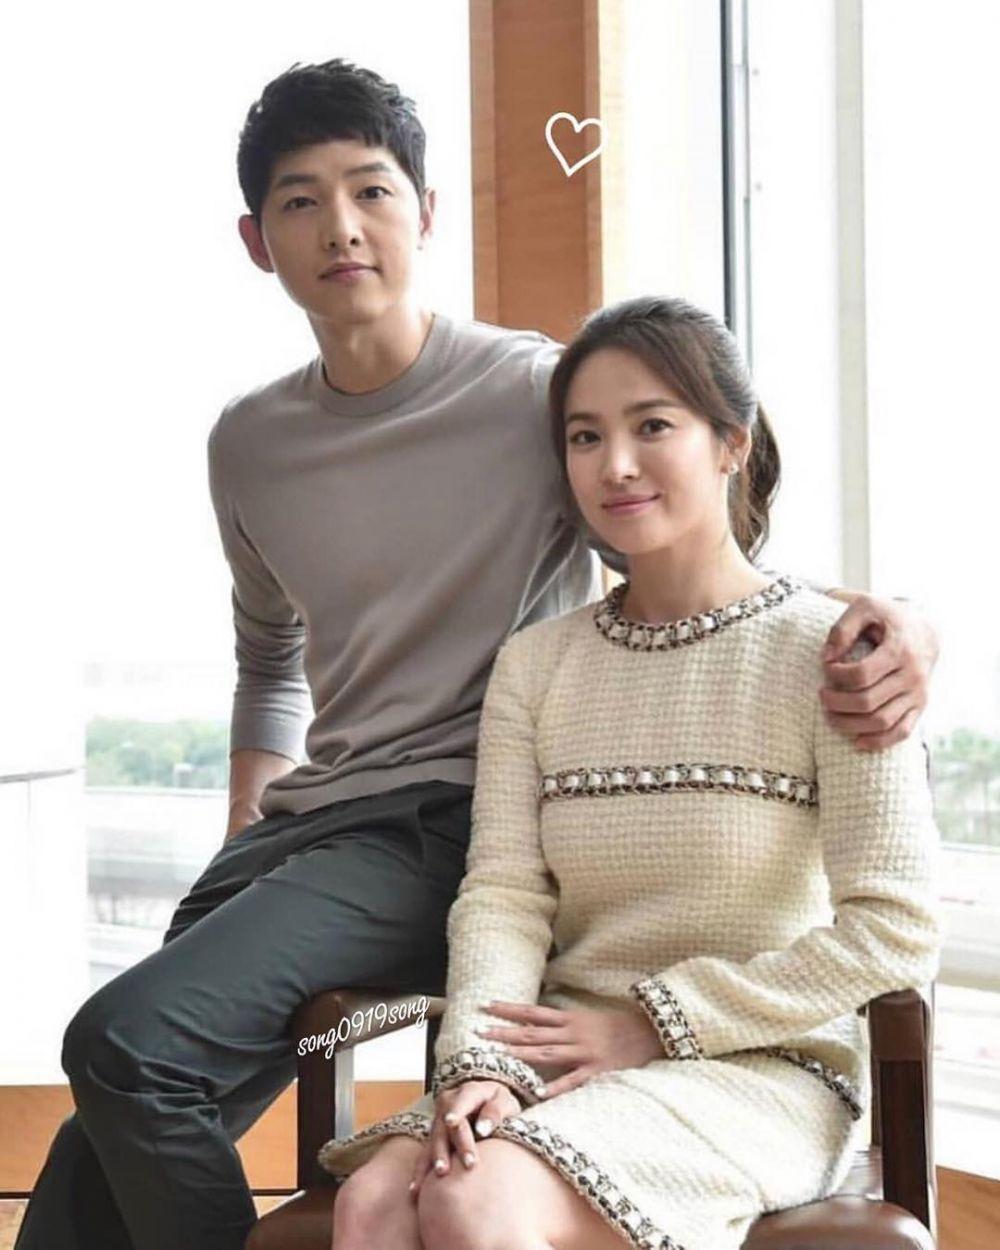 Drama Arthdal Chronicles Menunjukan Dukungan Pasangan Manis Song Hye Kyo Untuk Song Joong Ki 3